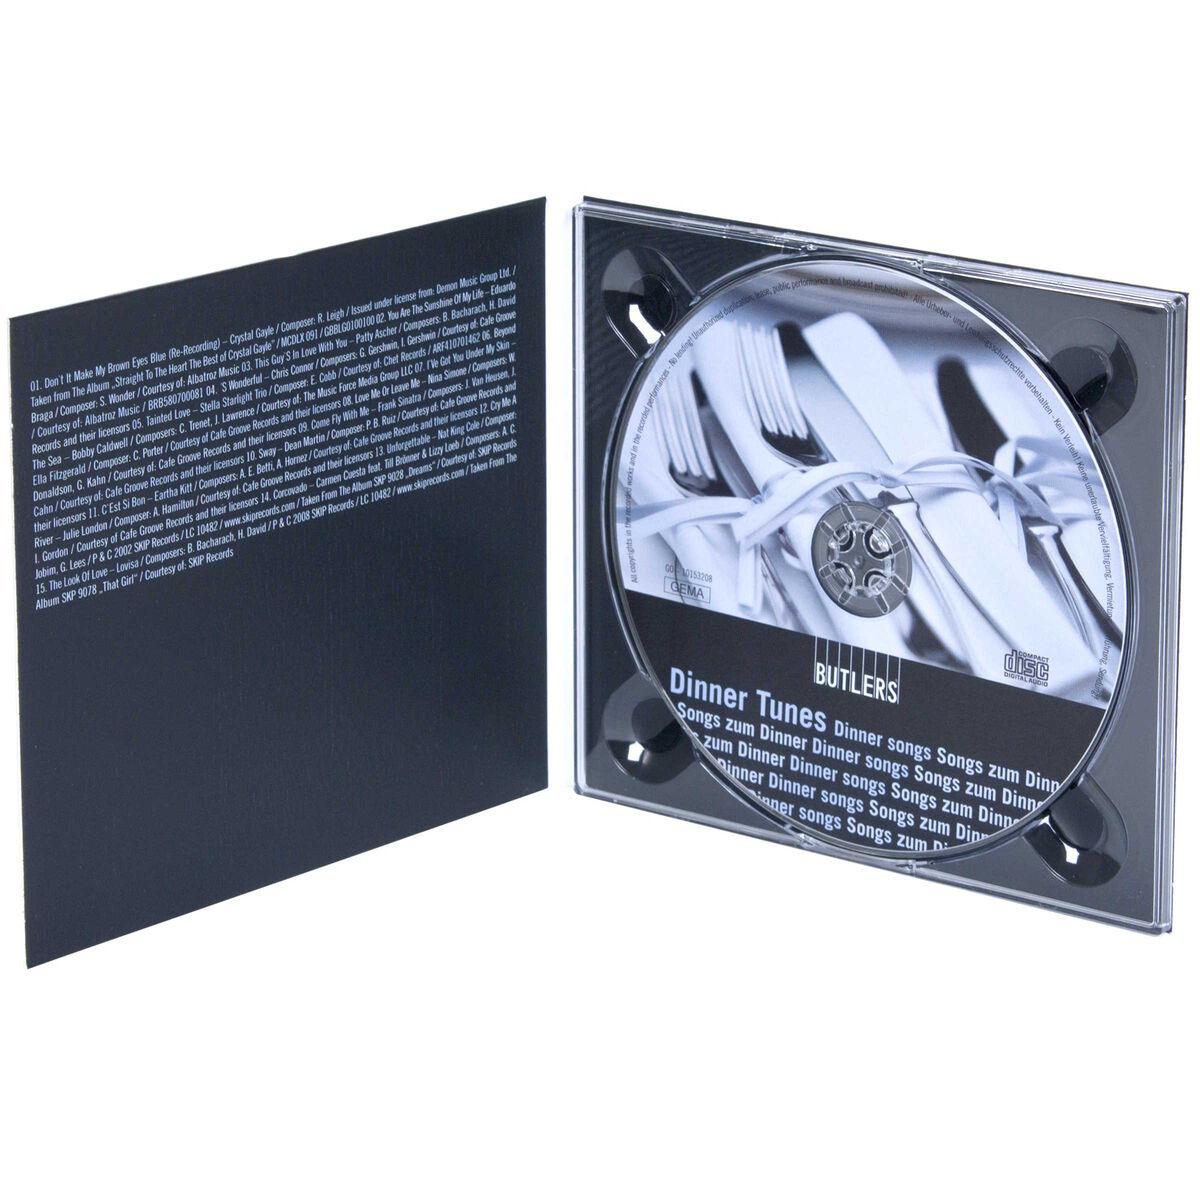 DINNER TUNES CD Songs zum Dinner